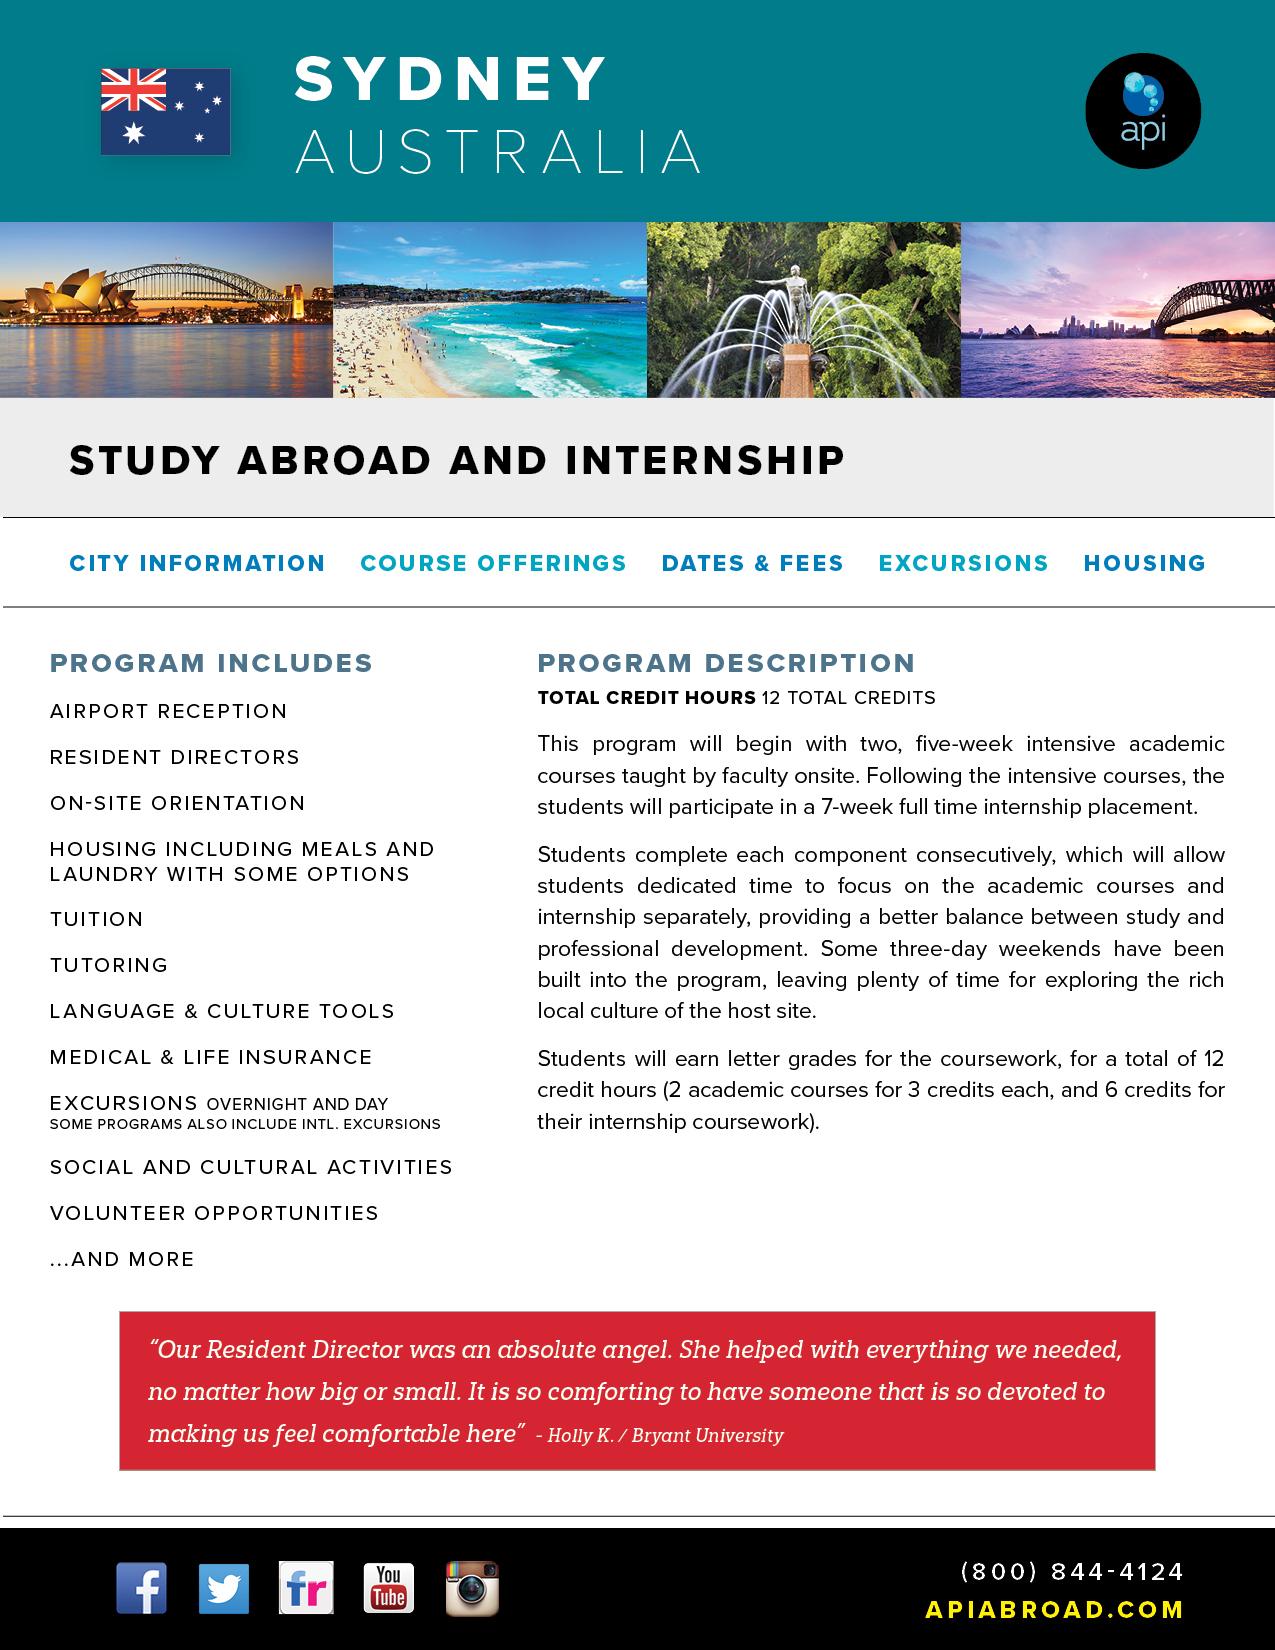 Study Abroad and Intern Sydney